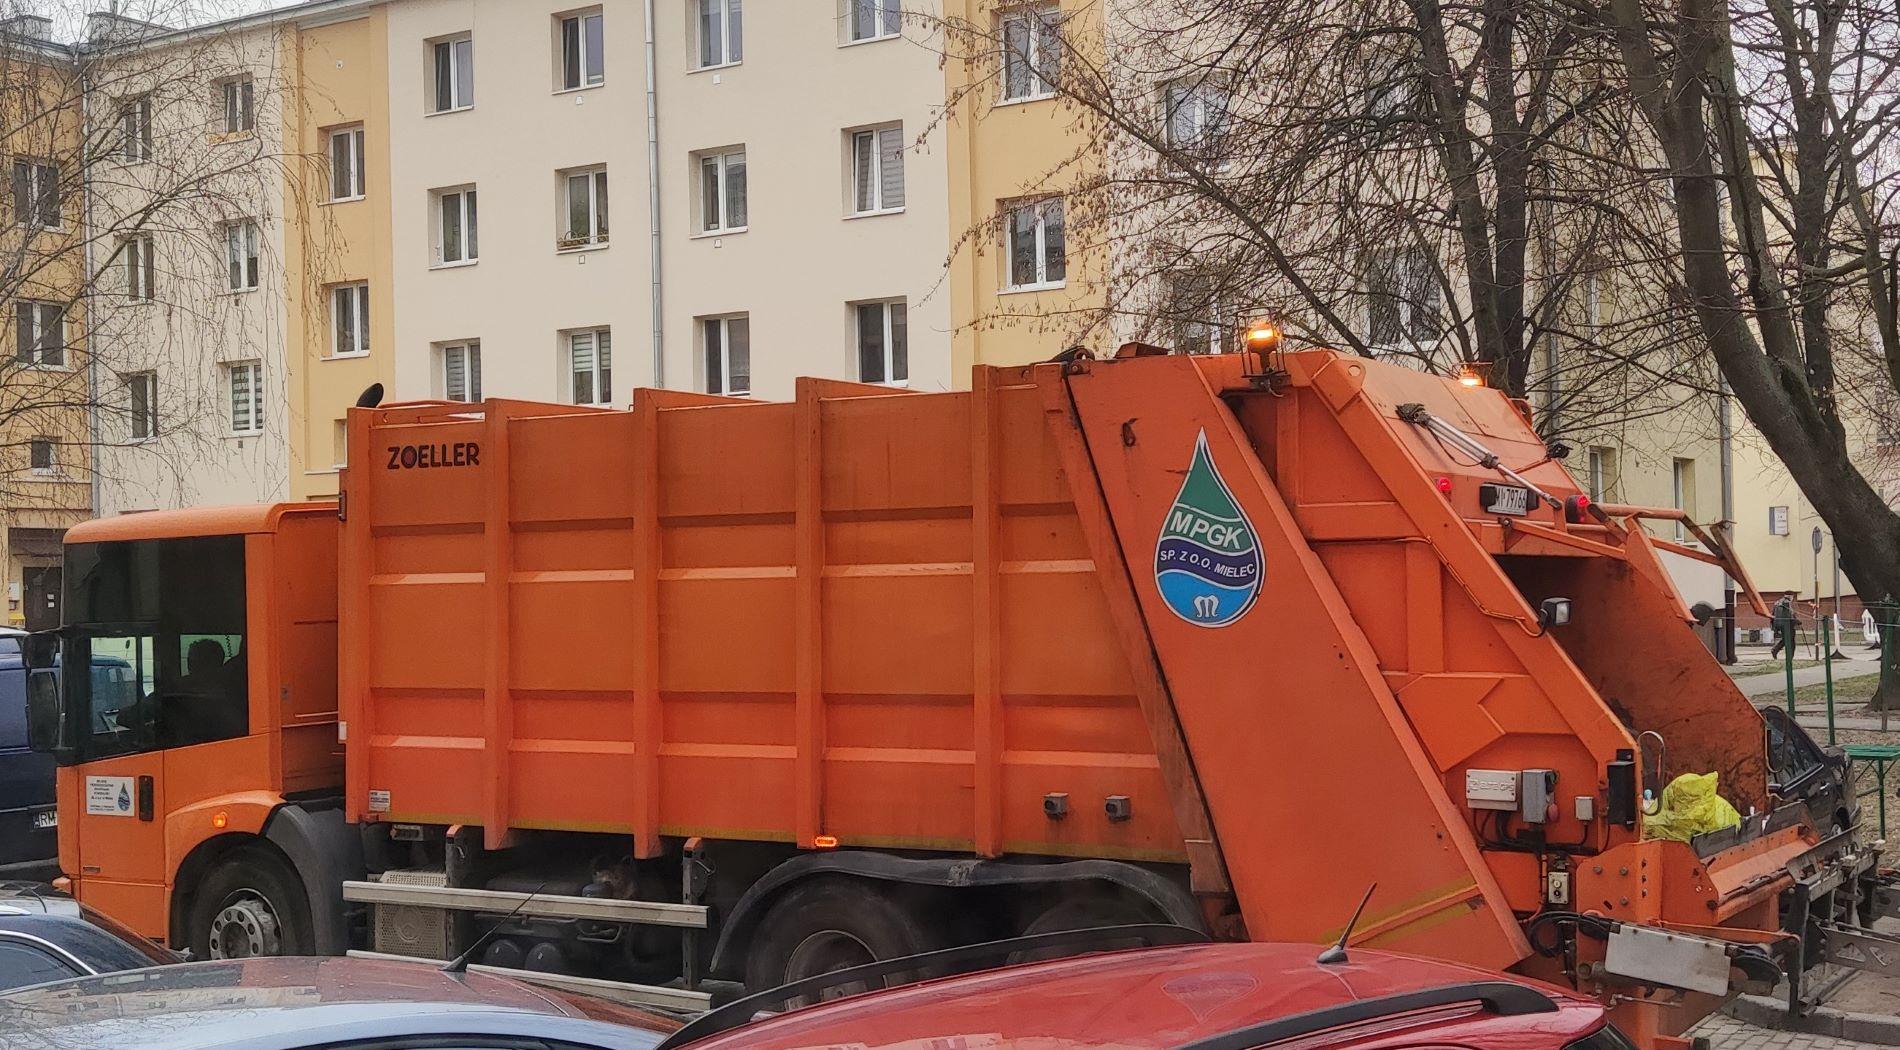 Przetarg na odbiór śmieci w Mielcu. Jest oświadczenie firmy FCC Tarnobrzeg - Zdjęcie główne